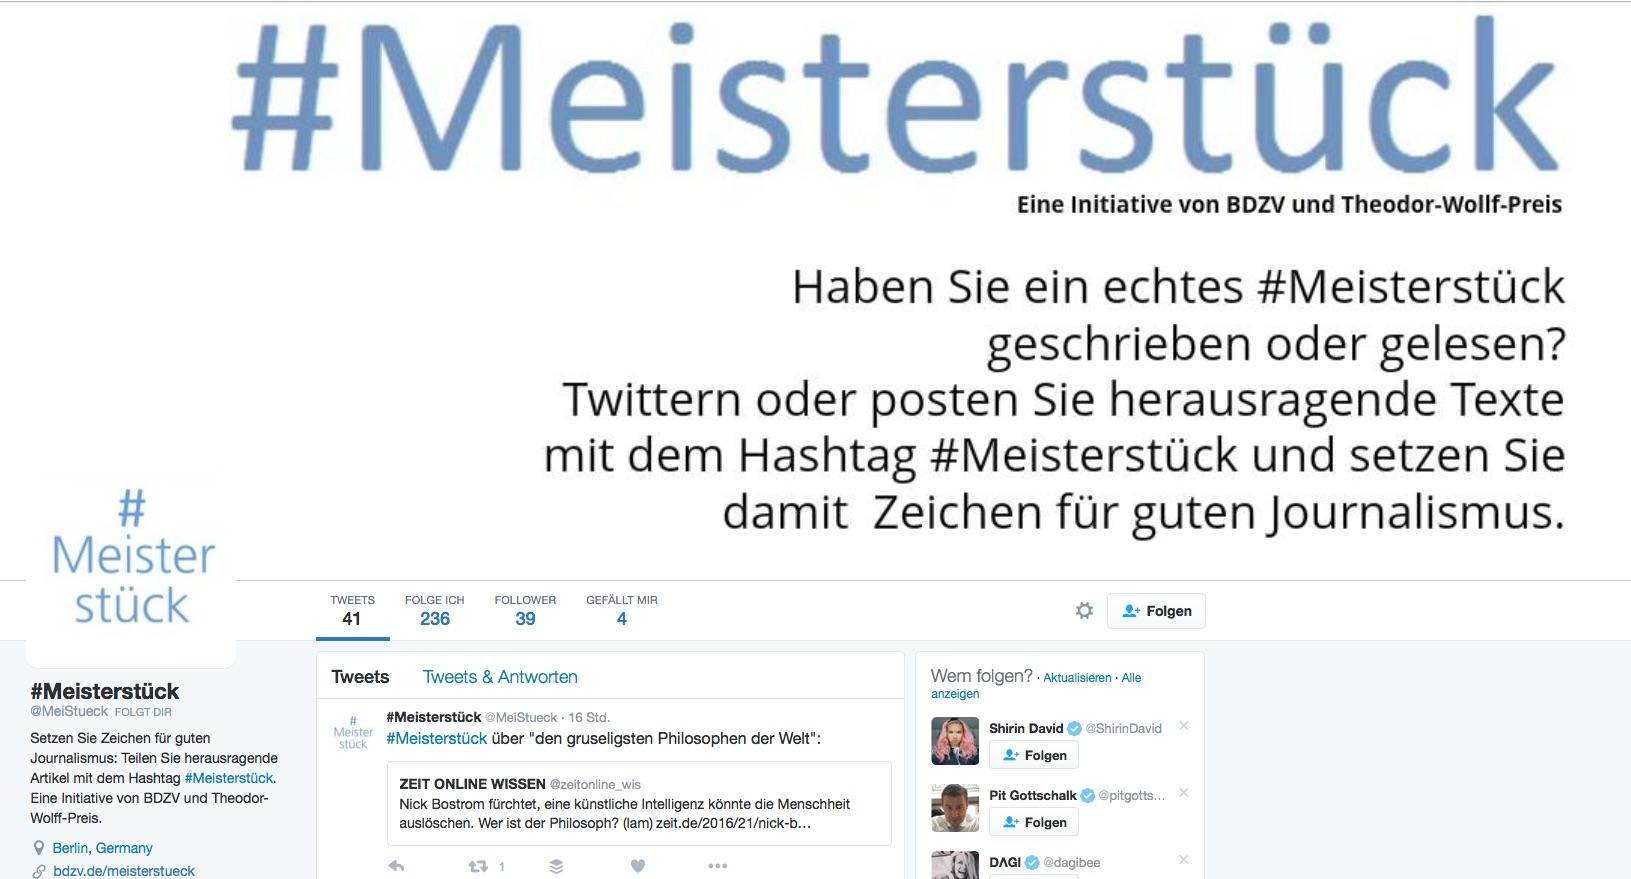 _Meisterstück___MeiStueck____Twitter